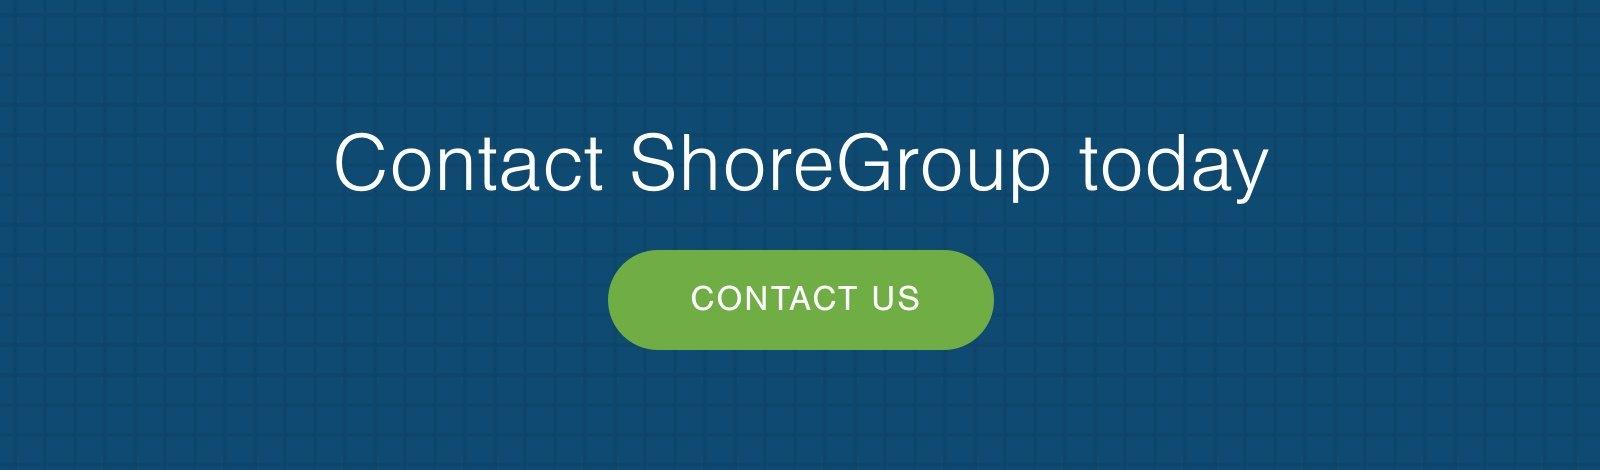 Contact ShoreGroup CTA Image